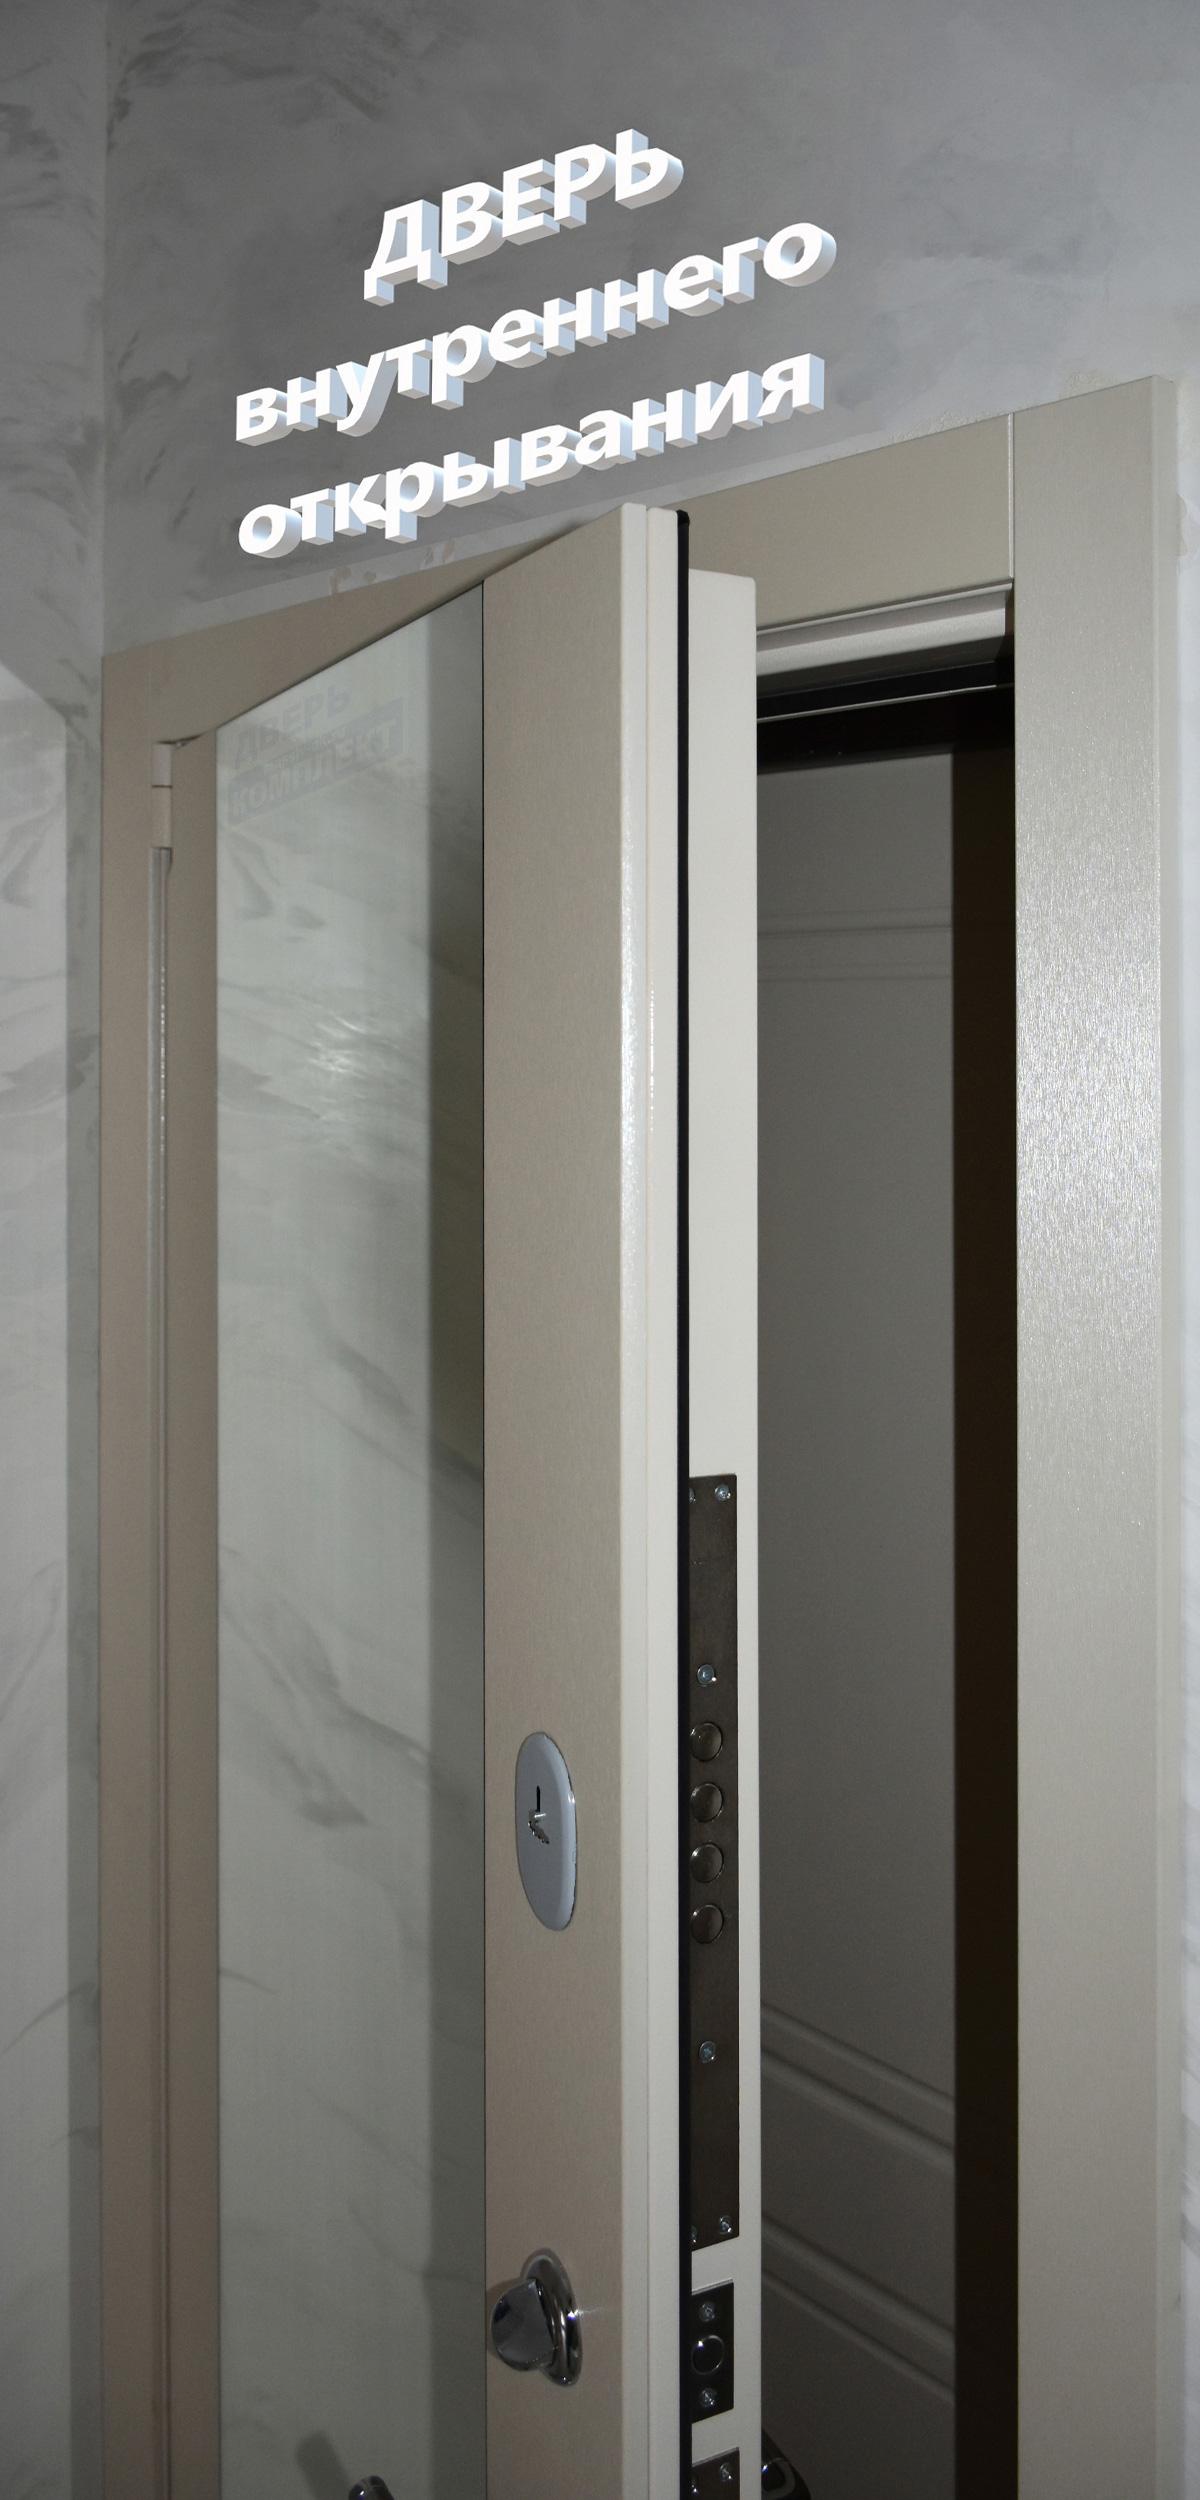 Двери металлические Бетон реверс деталь